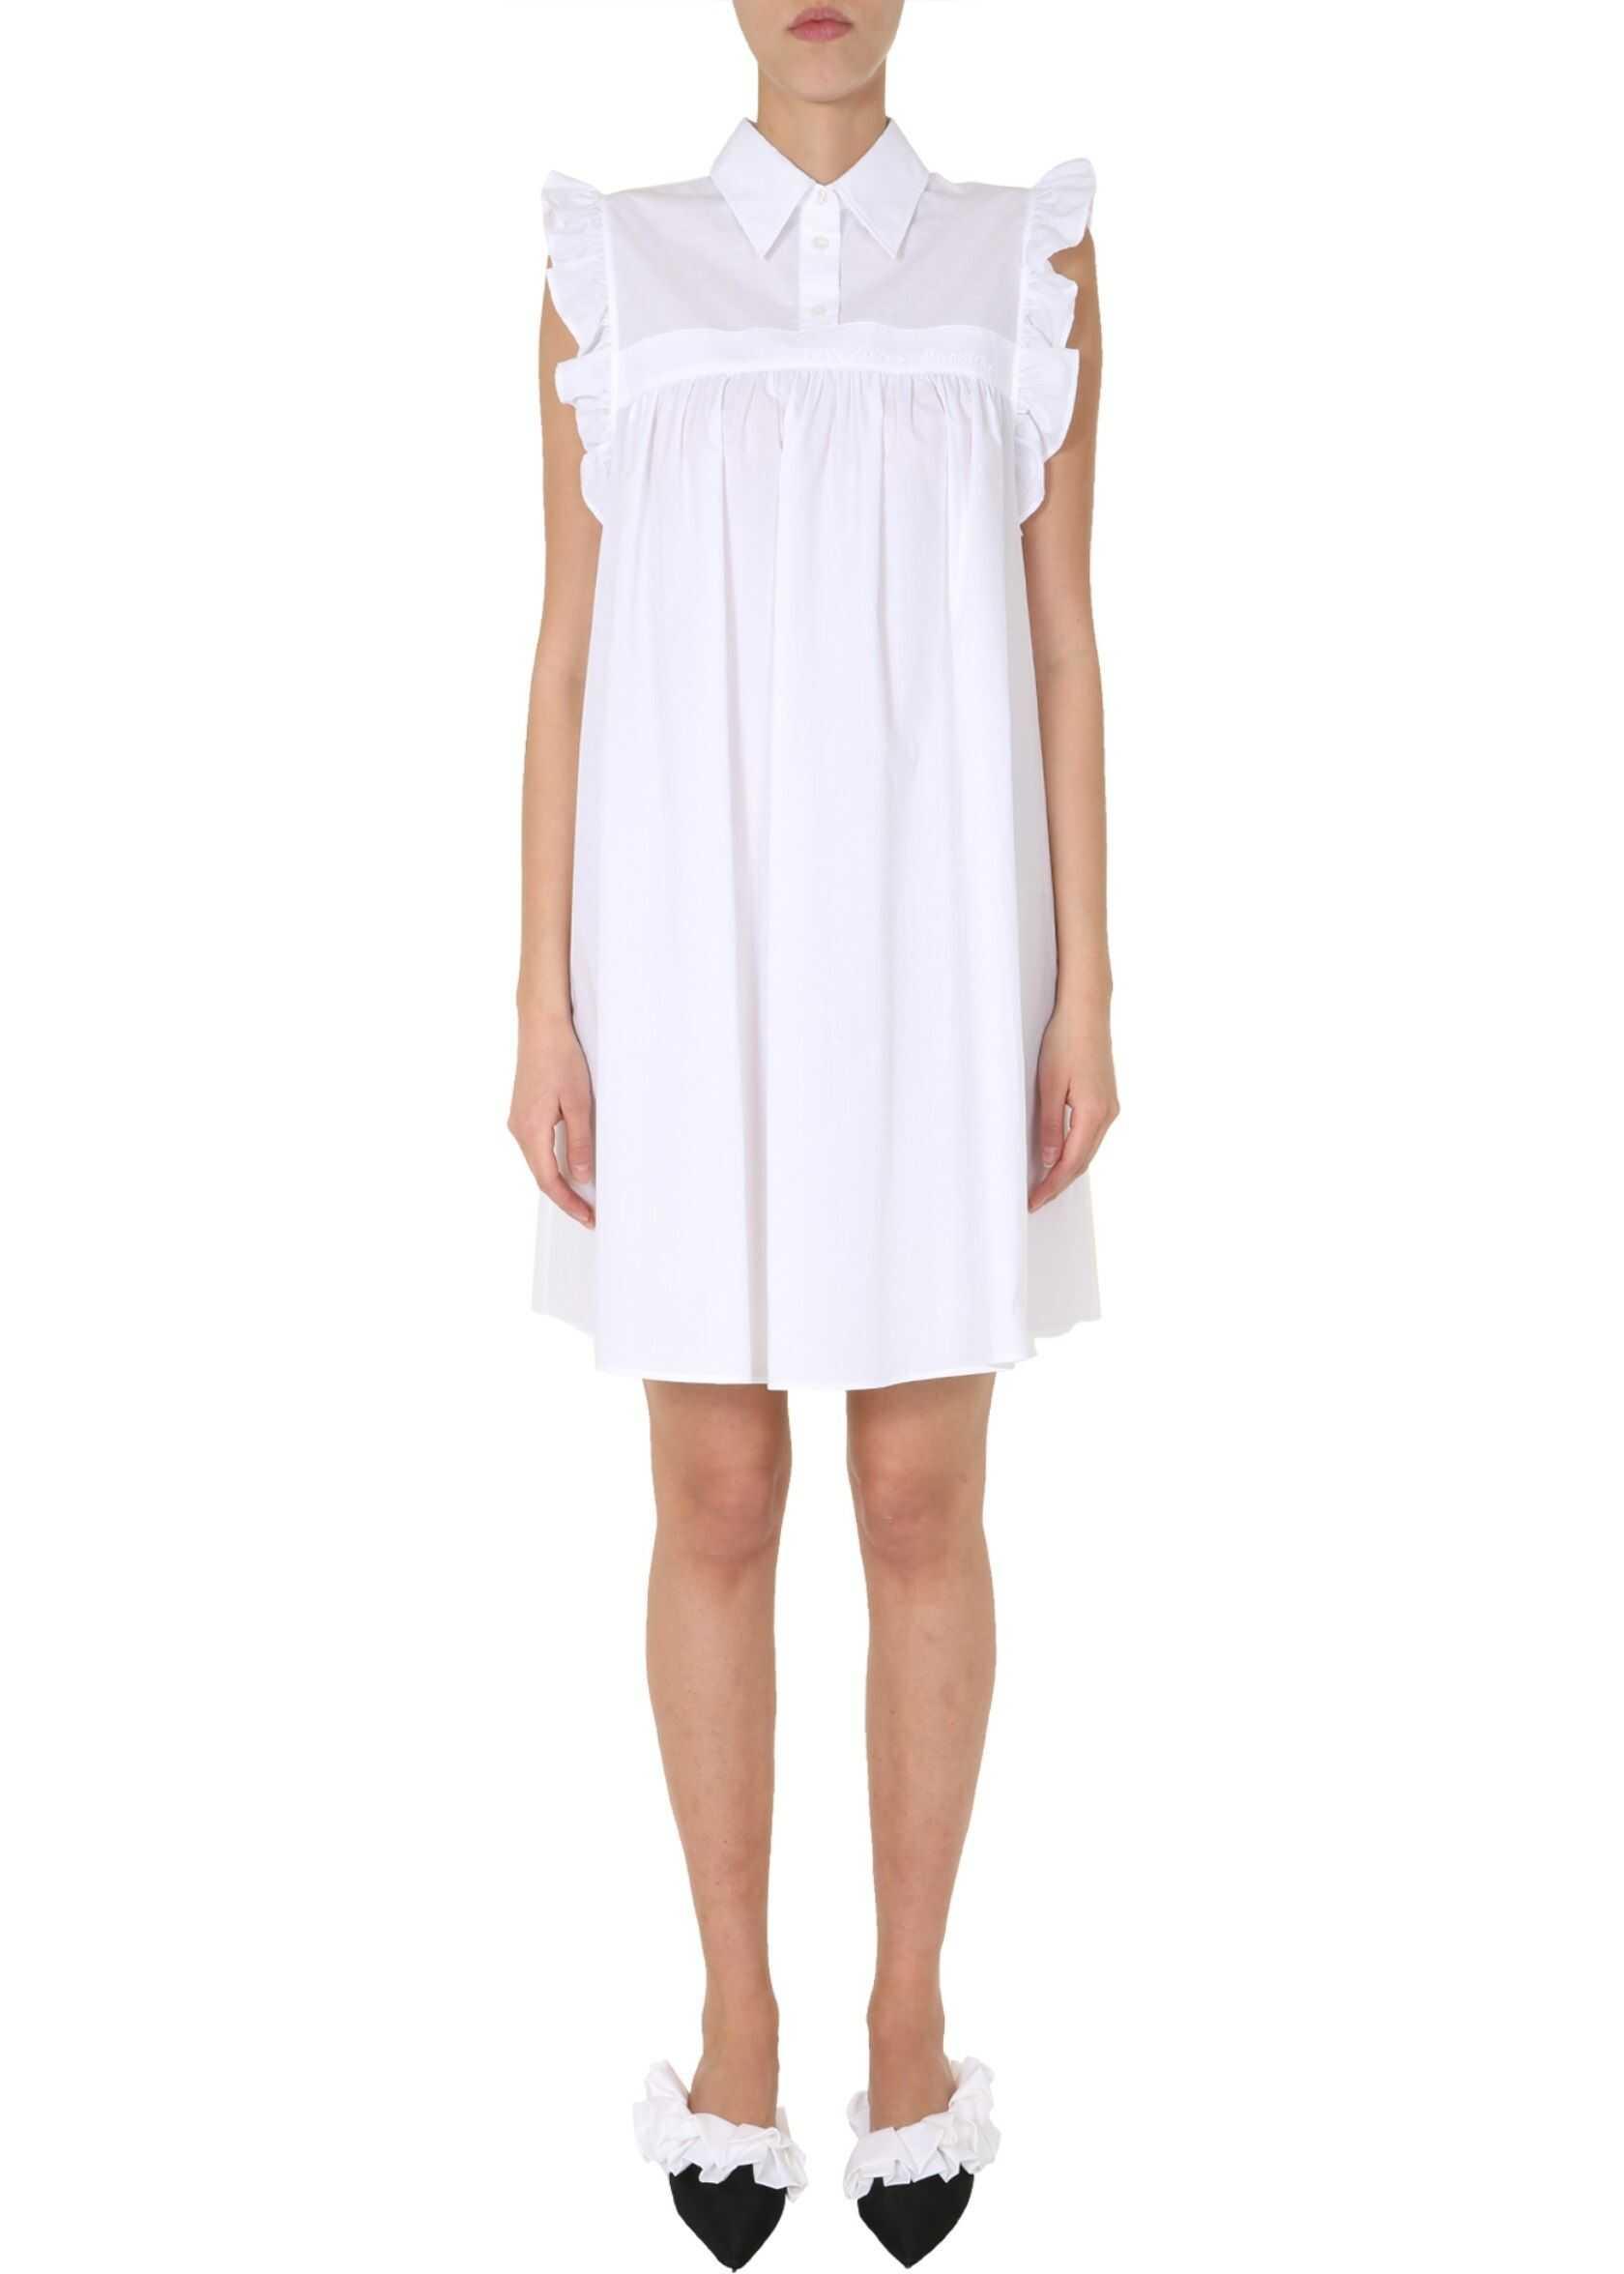 MM6 Maison Margiela Chemisier Dress WHITE